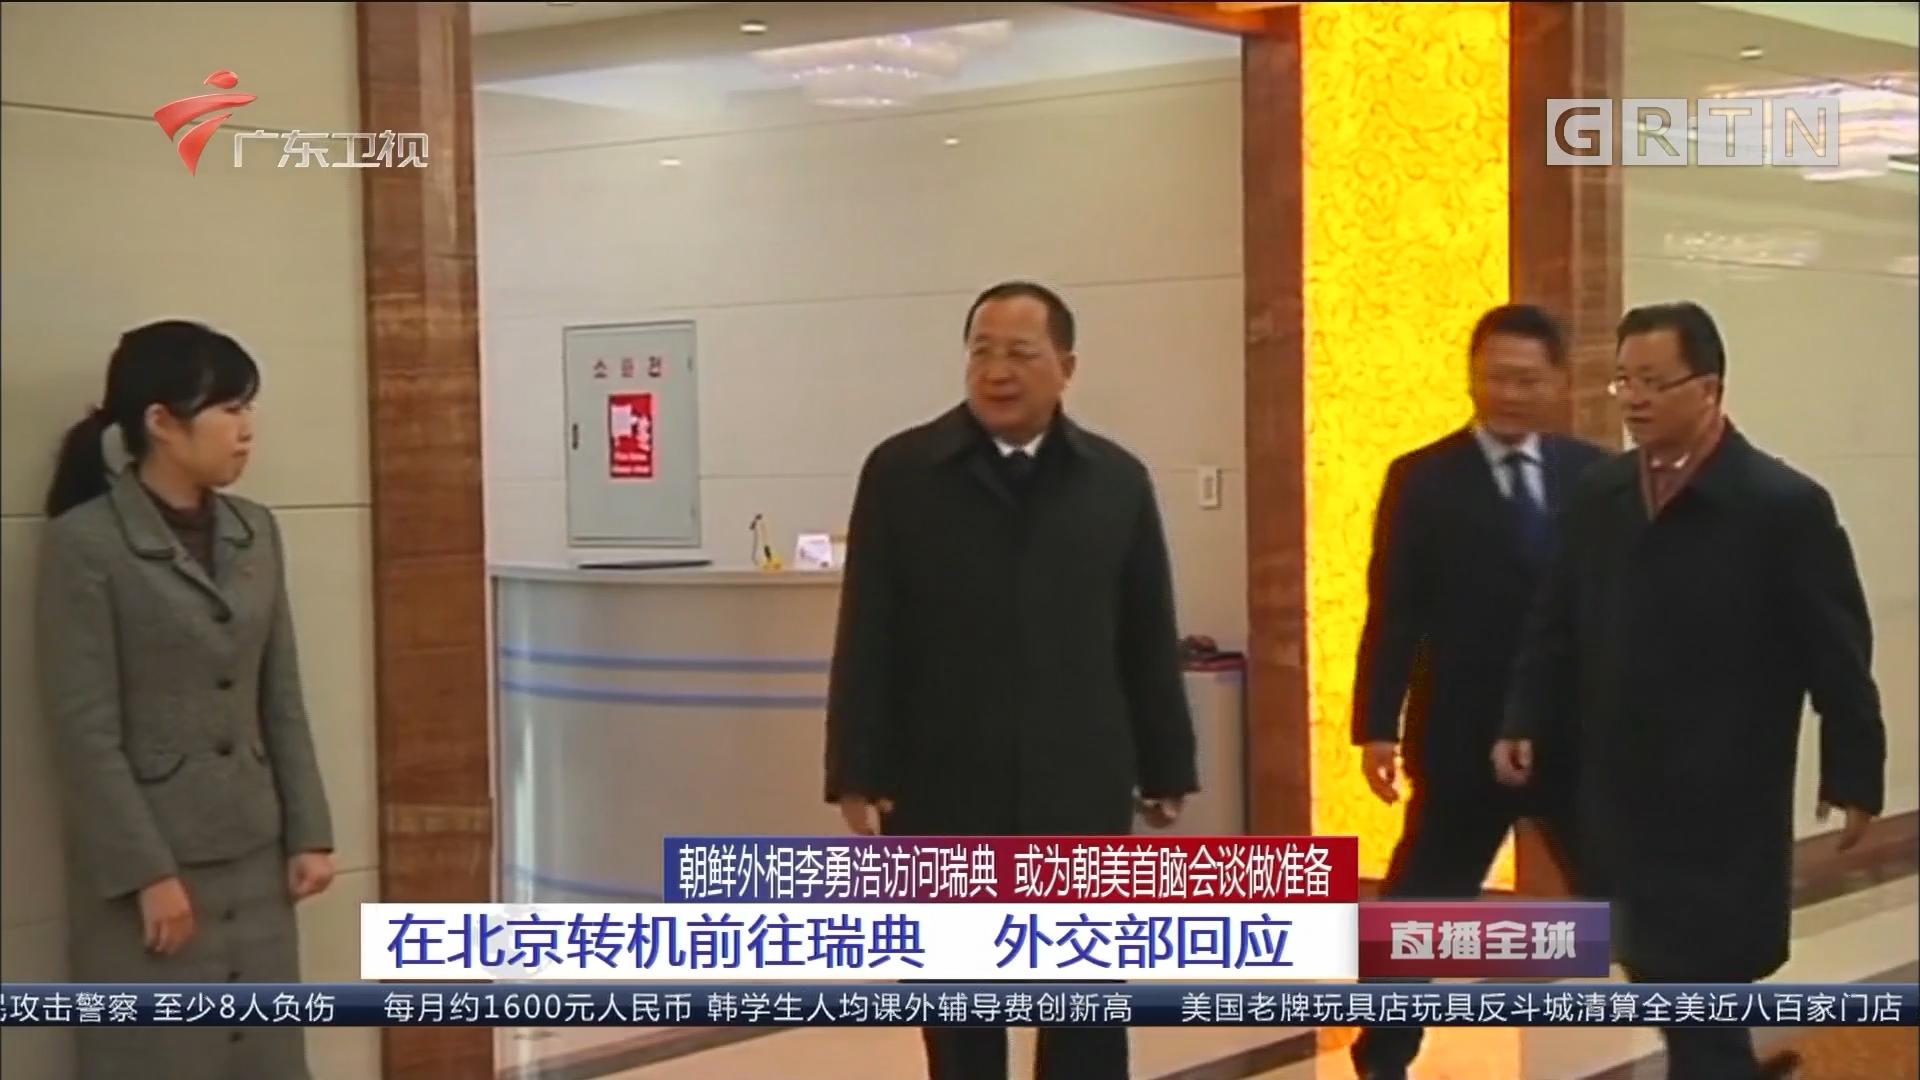 朝鲜外相李勇浩访问瑞典 或为朝美首脑会谈做准备:在北京转机前往瑞典 外交部回应